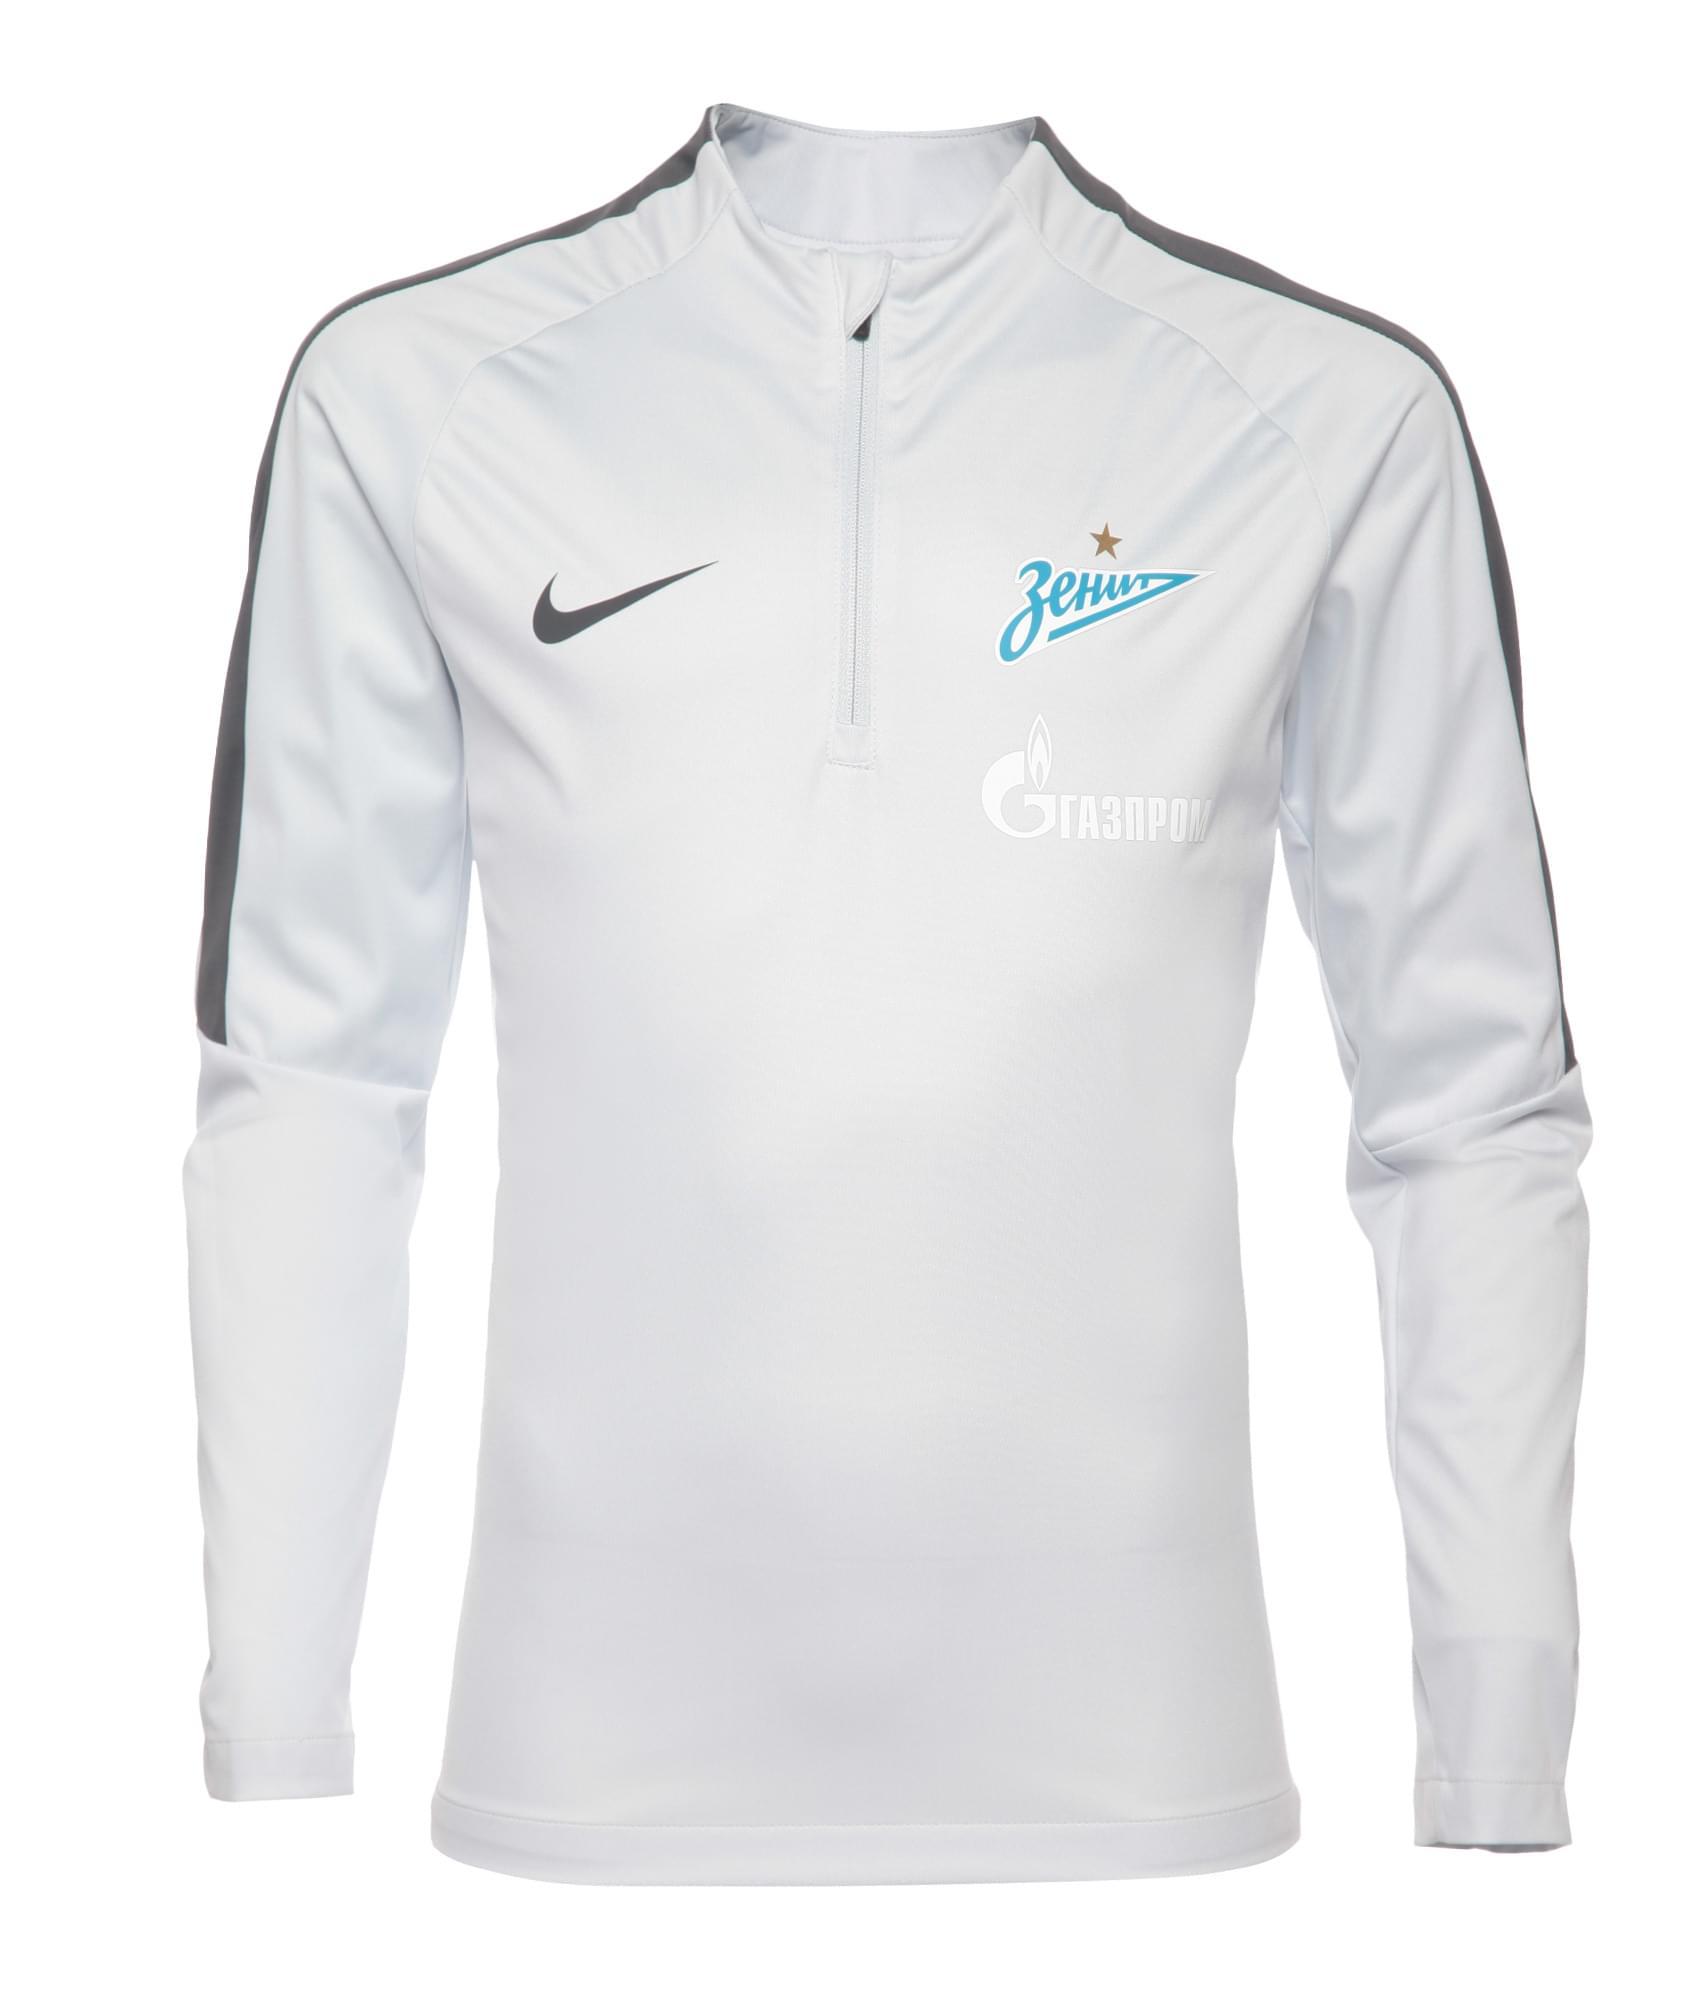 Джемпер тренировочный подростковый Nike Nike джемпер тренировочный подростковый nike цвет темно синий размер m